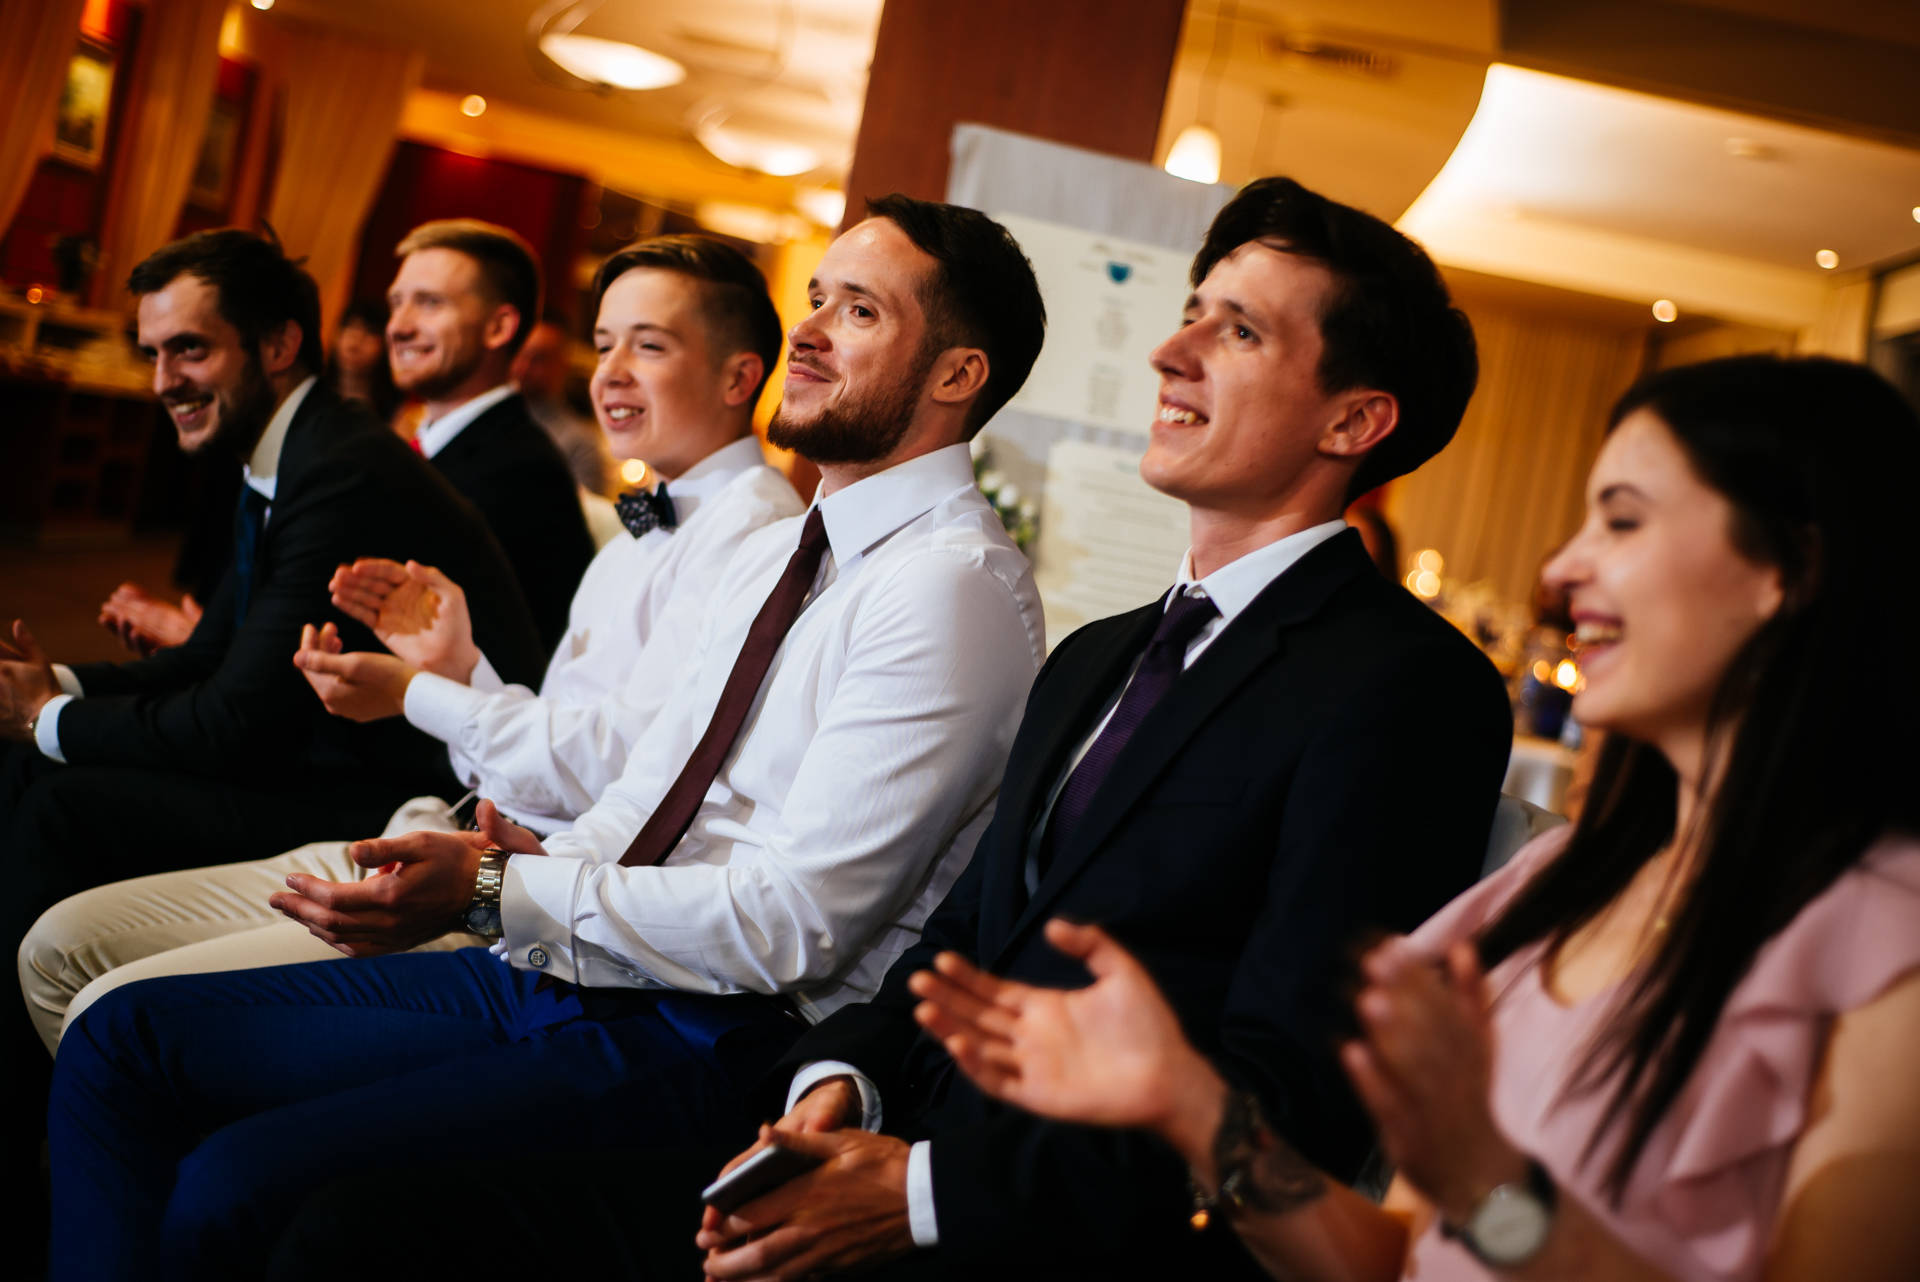 Kameralny ślub w zborze w Gdyni i wesele w nadmorskim Hotelu Gdyńskim, nad samym Bulwarem, kilkanaście metrów od morza i kilkadziesiąt od plaży w Gdyni. Fot. aparatowo.pl